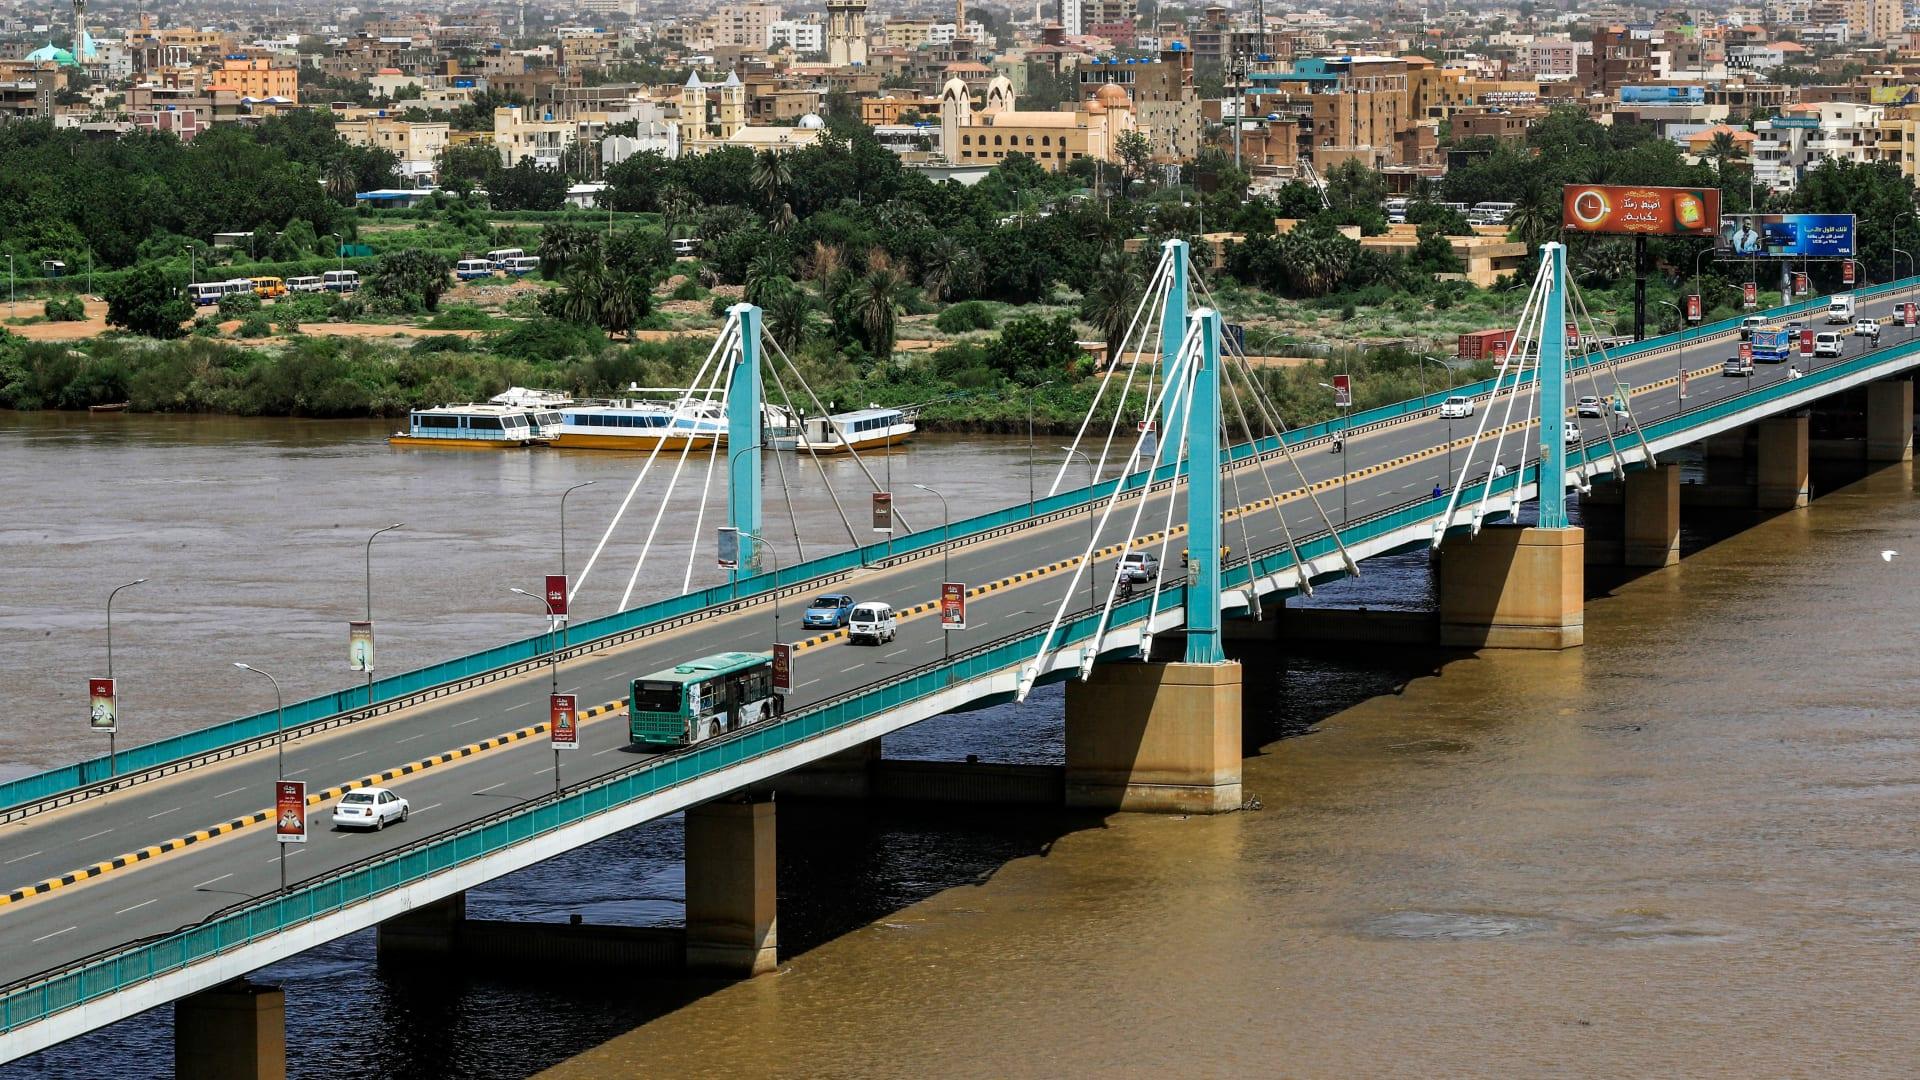 صورة ارشيفية من العاصمة السودانية، الخرطوم